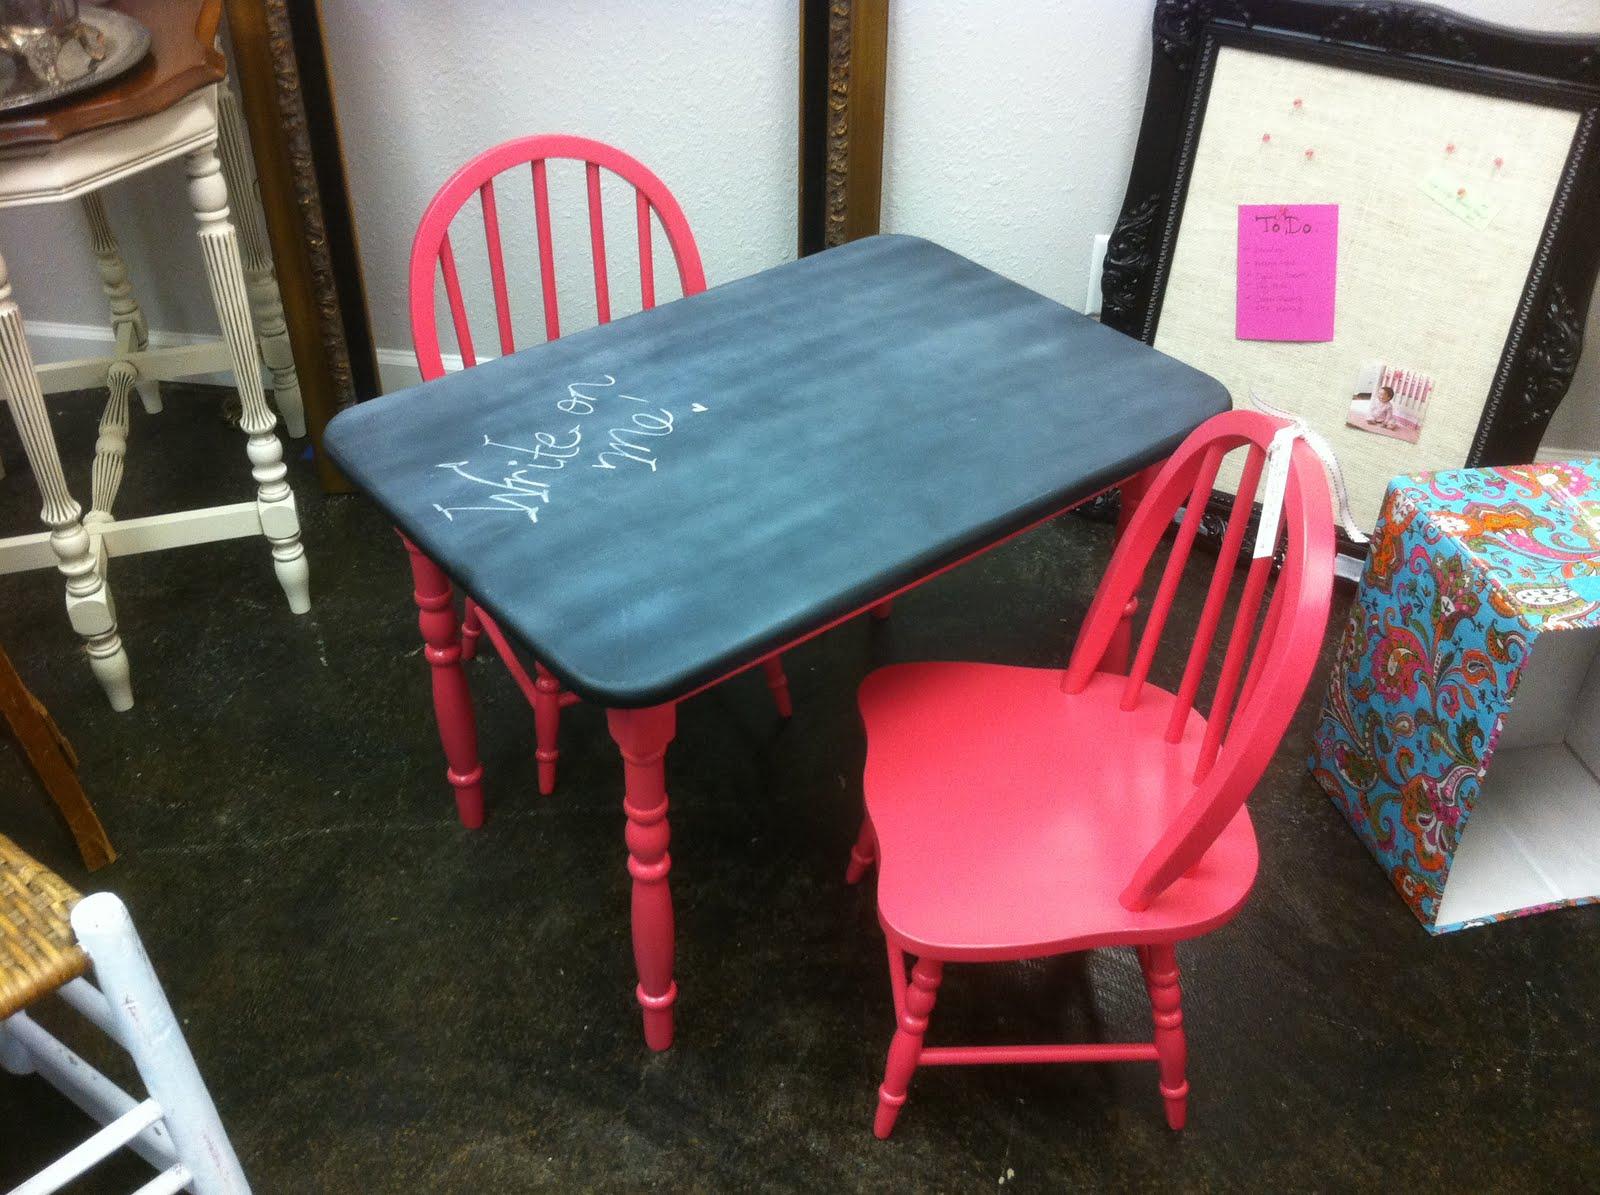 Funky Fun Finds: Kids Chalkboard Table & Chair Set